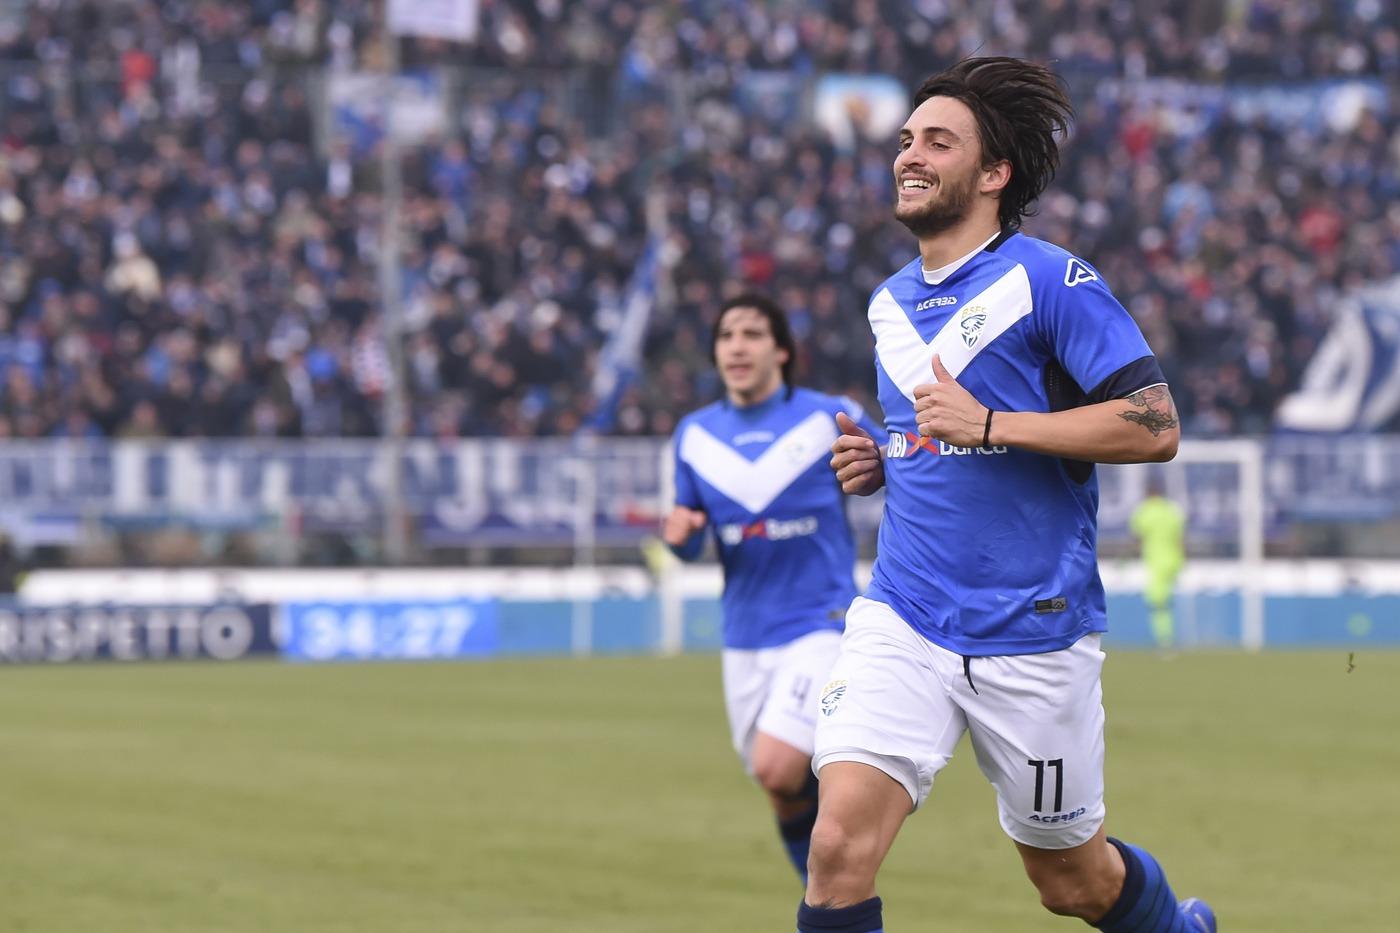 Brescia-Cremonese 26 dicembre: si gioca per la 18 esima giornata del campionato di Serie B. I locali sono in lotta per la promozione.